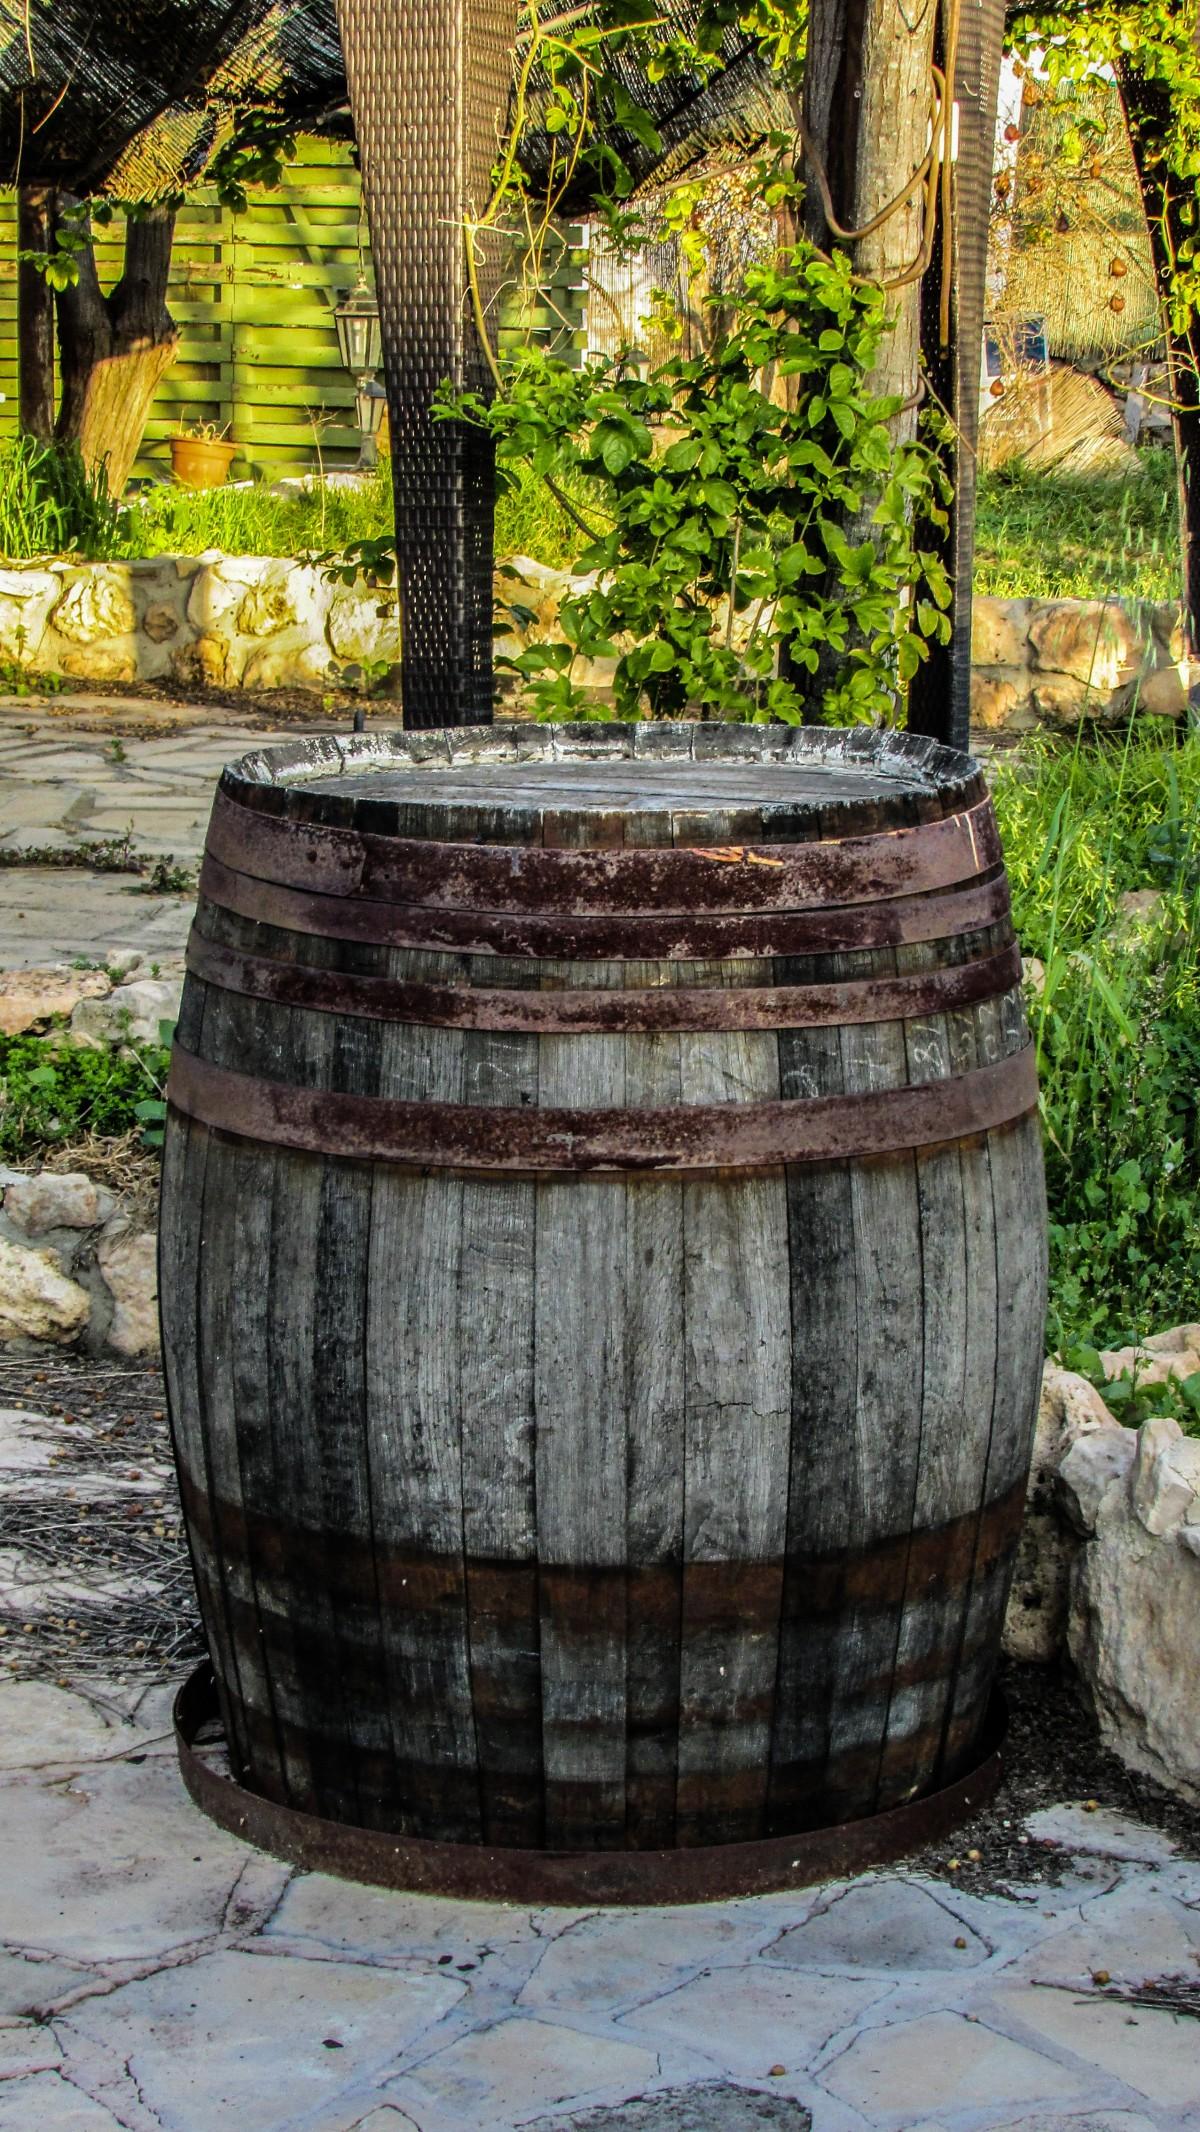 images gratuites du vin vieux cabane baril les bois r cipient tonne barils en bois. Black Bedroom Furniture Sets. Home Design Ideas